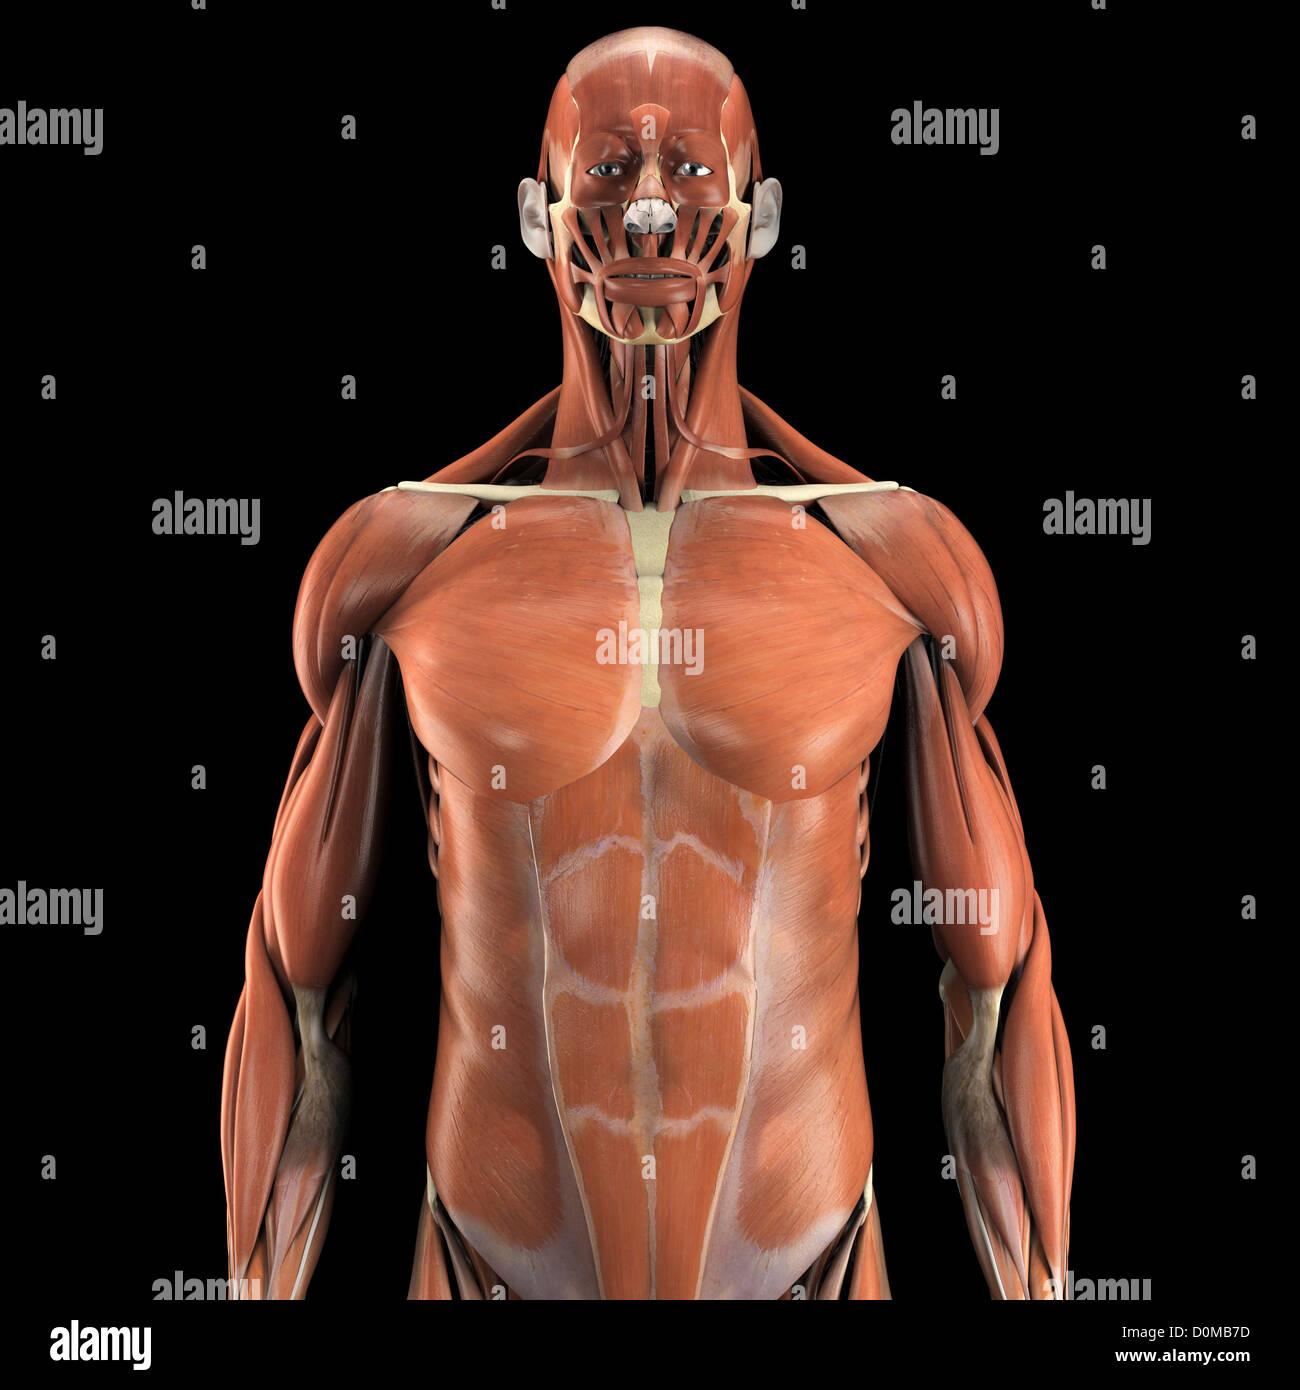 Großartig Menschlicher Muskel Anatomie Modell Ideen - Physiologie ...